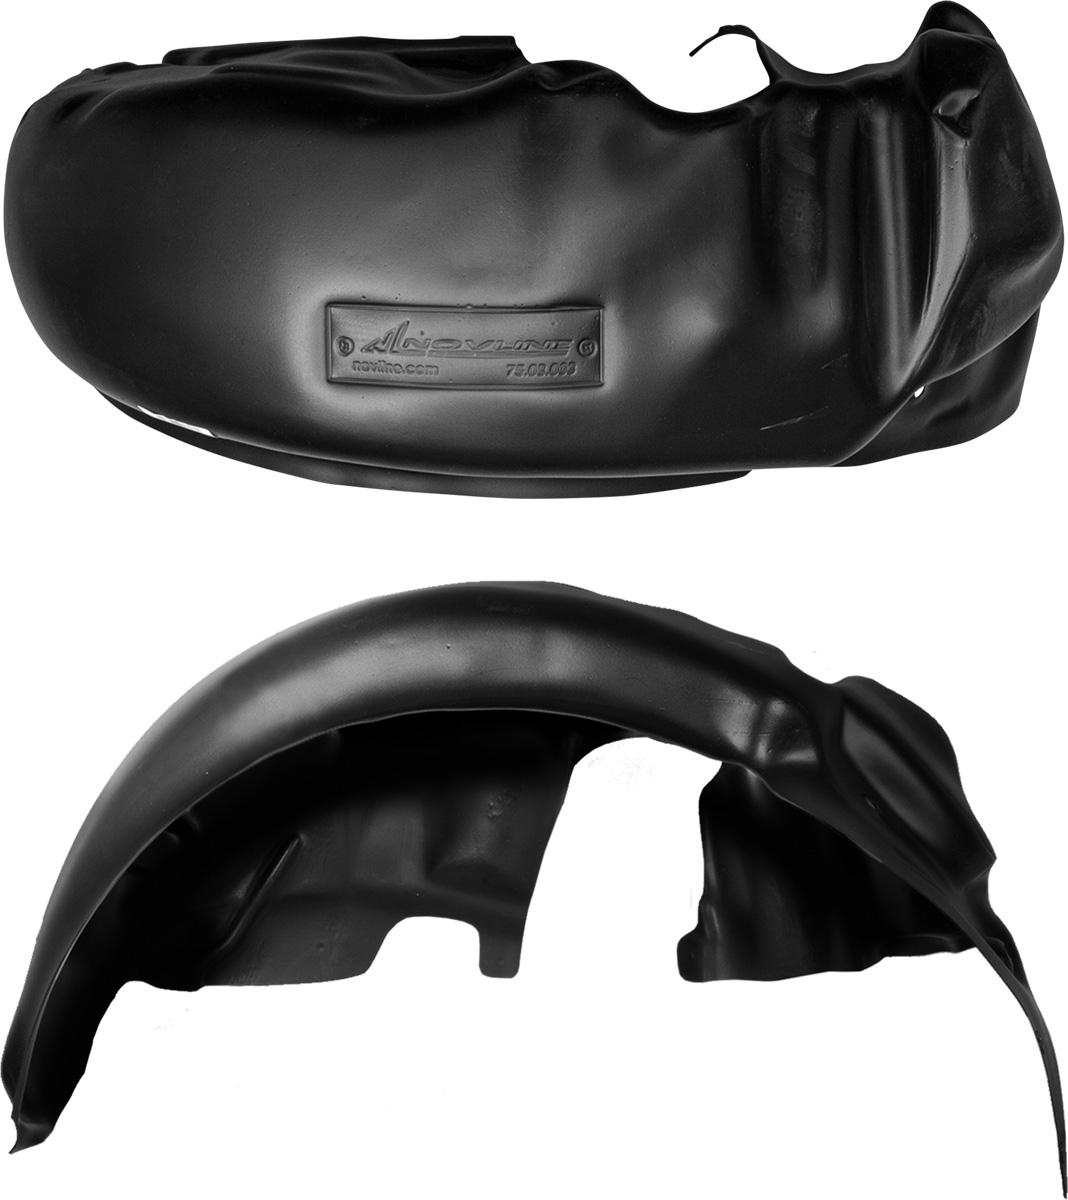 Подкрылок Novline-Autofamily, для Toyota Camry, 07/2006-2011, задний левыйNLL.48.14.003Колесные ниши - одни из самых уязвимых зон днища вашего автомобиля. Они постоянно подвергаются воздействию со стороны дороги. Лучшая, почти абсолютная защита для них - специально отформованные пластиковые кожухи, которые называются подкрылками. Производятся они как для отечественных моделей автомобилей, так и для иномарок. Подкрылки Novline-Autofamily выполнены из высококачественного, экологически чистого пластика. Обеспечивают надежную защиту кузова автомобиля от пескоструйного эффекта и негативного влияния, агрессивных антигололедных реагентов. Пластик обладает более низкой теплопроводностью, чем металл, поэтому в зимний период эксплуатации использование пластиковых подкрылков позволяет лучше защитить колесные ниши от налипания снега и образования наледи. Оригинальность конструкции подчеркивает элегантность автомобиля, бережно защищает нанесенное на днище кузова антикоррозийное покрытие и позволяет осуществить крепление подкрылков внутри колесной арки практически без...